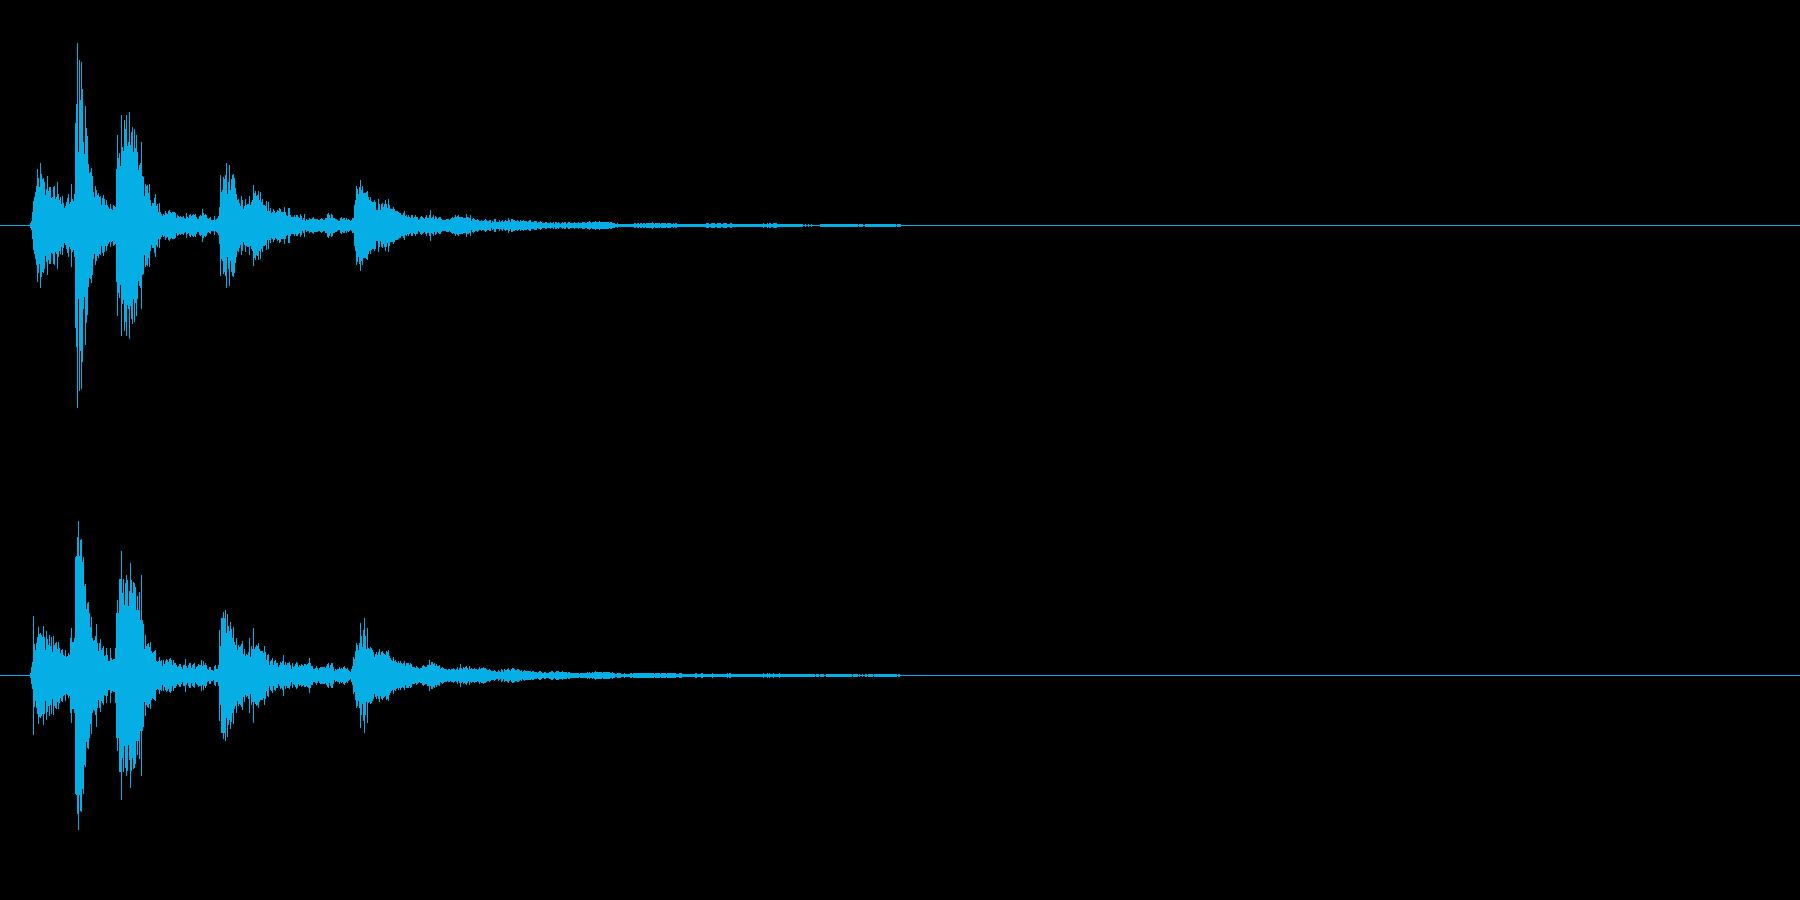 シンセ風なアイテム入手音の再生済みの波形